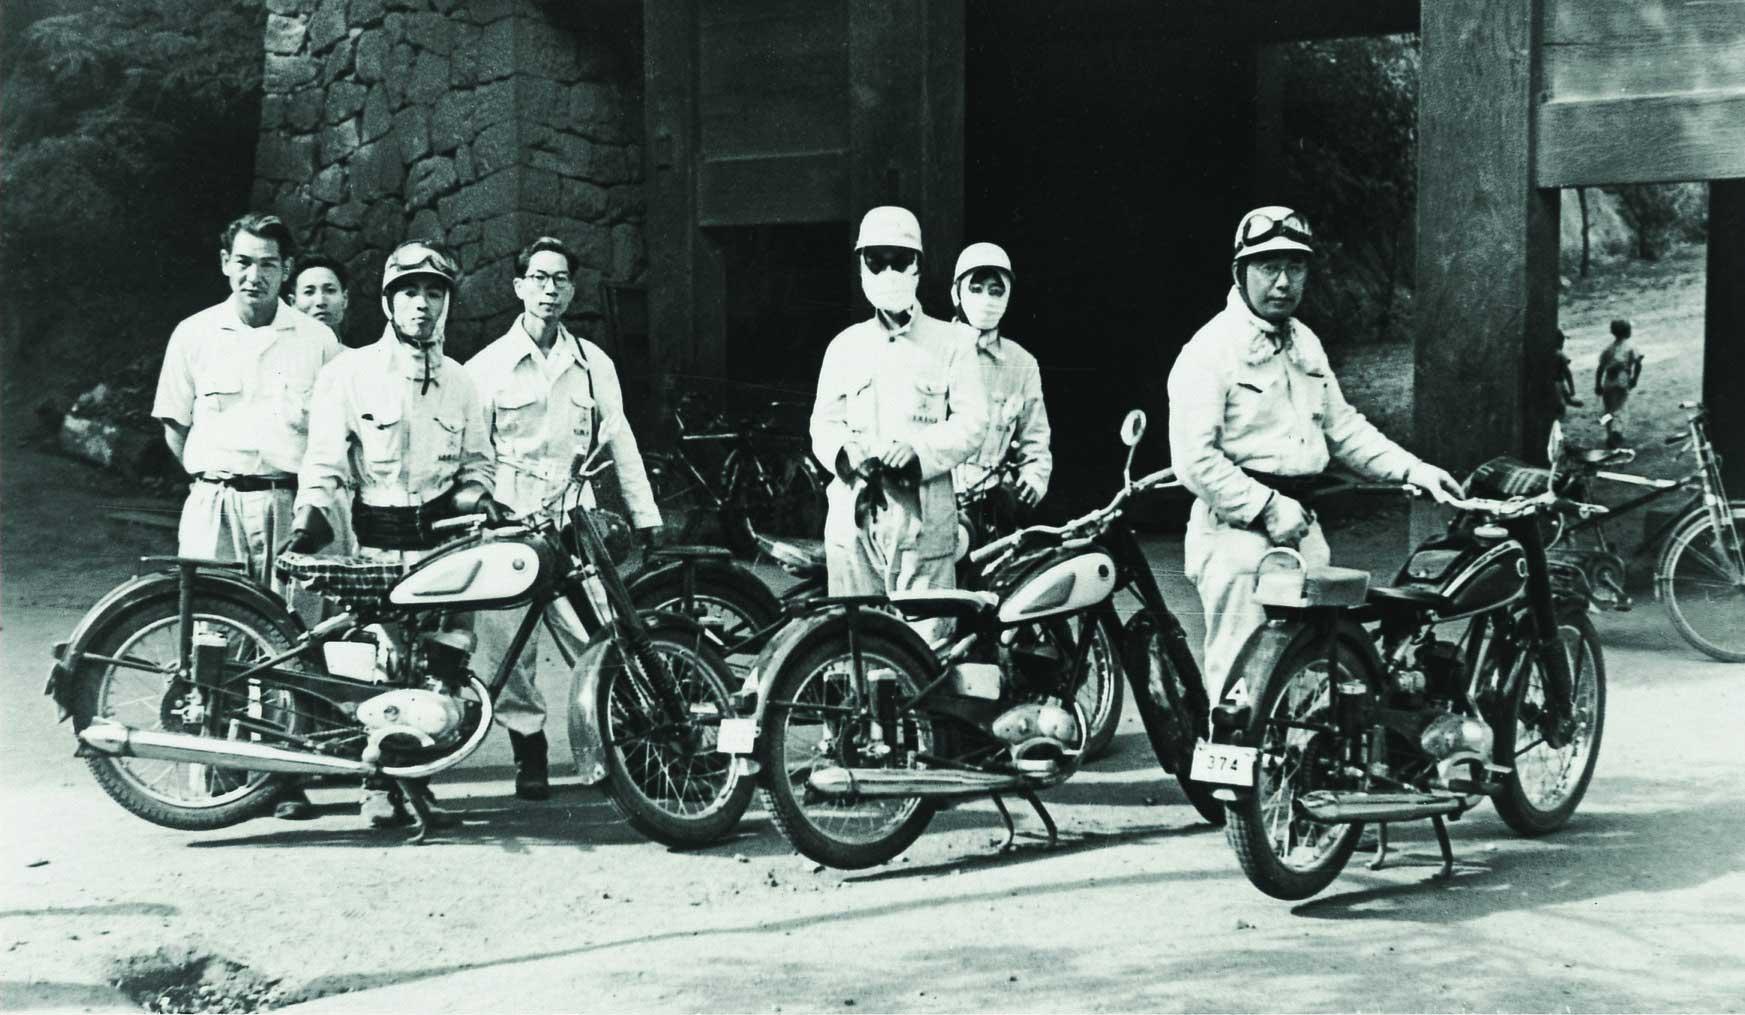 Yamaha celebra 66 anos - Teste de direção da YA-1, que também serviu como inspeção do percurso de Asama (1955, em Kamoro Kaikoen).